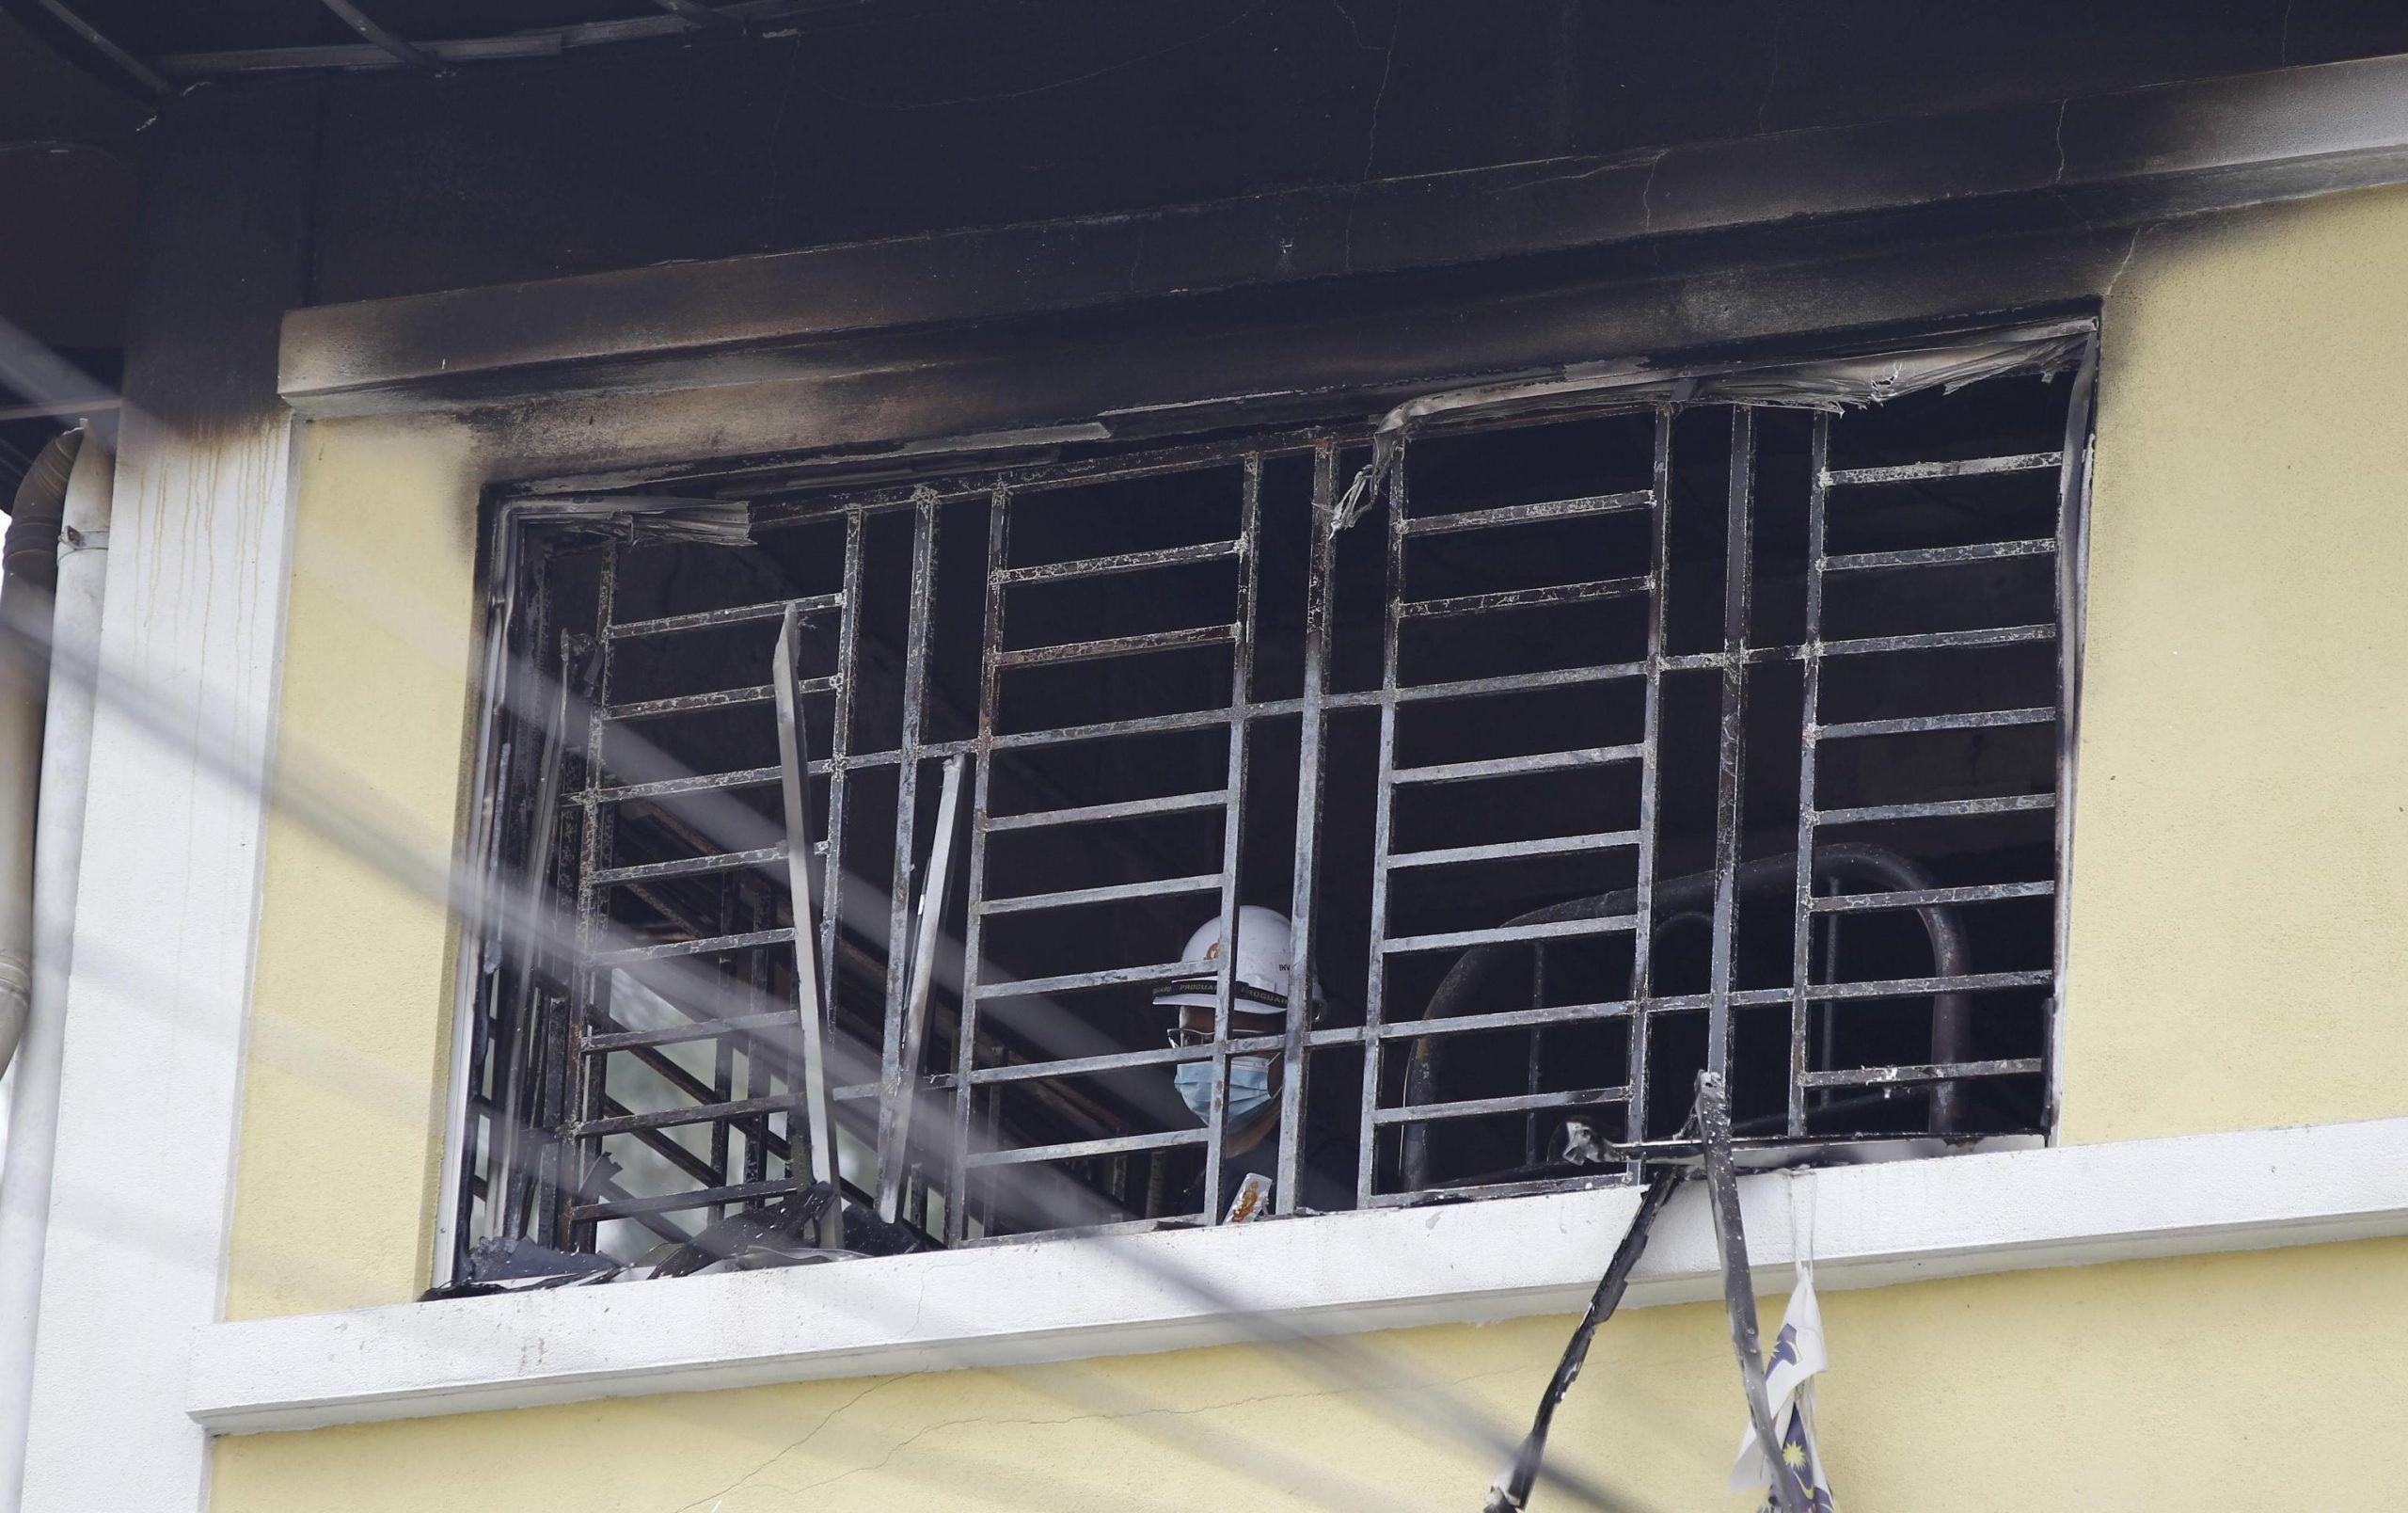 Malesia, strage di studenti nel rogo di un dormitorio scolastico: 24 morti